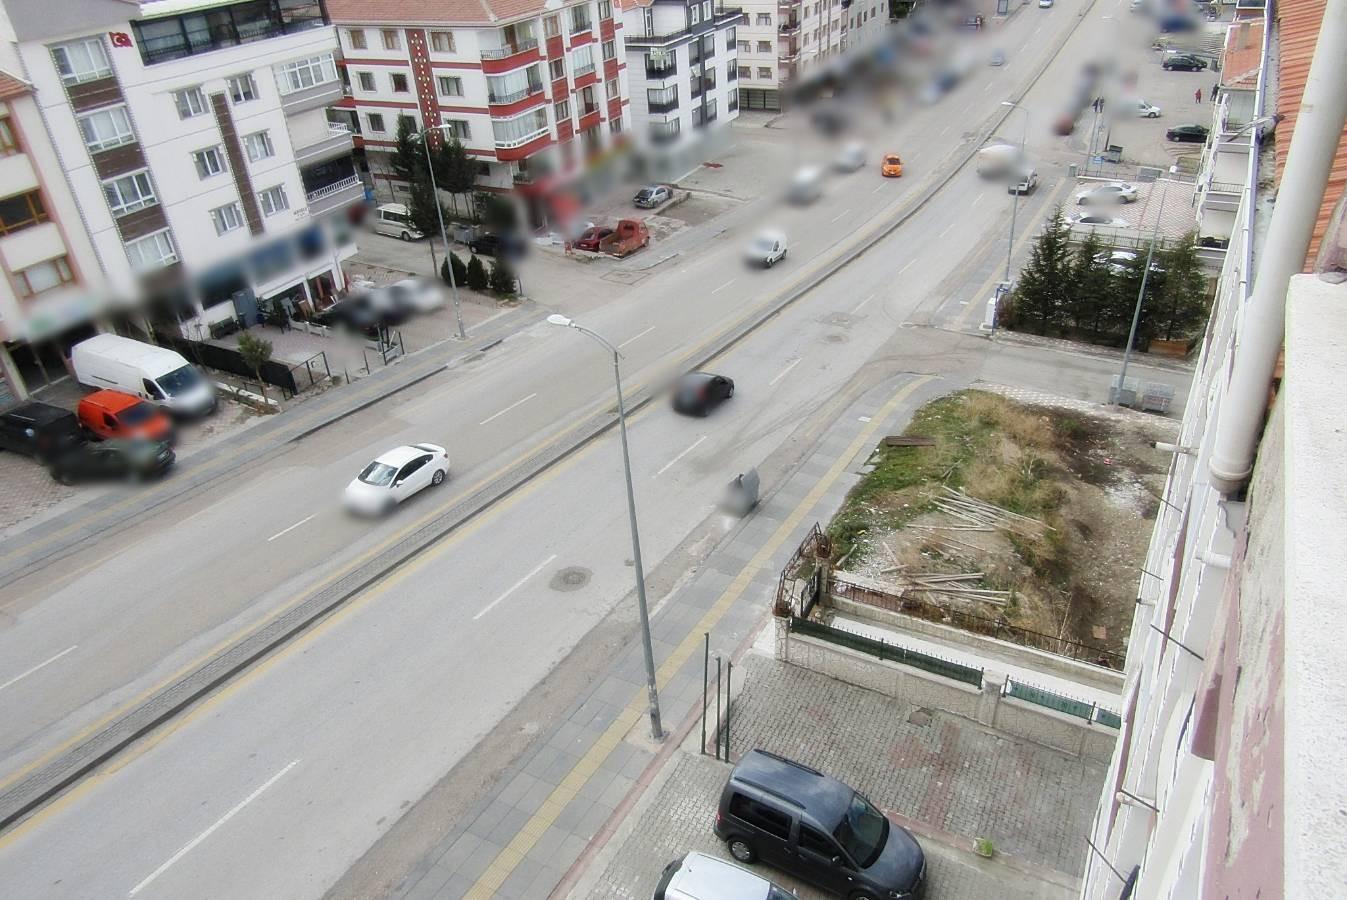 SR EMLAK'TAN SÜVARİ MAH'DE 4+1 250m² TRENE YAKIN BAĞIMSIZ TERAS